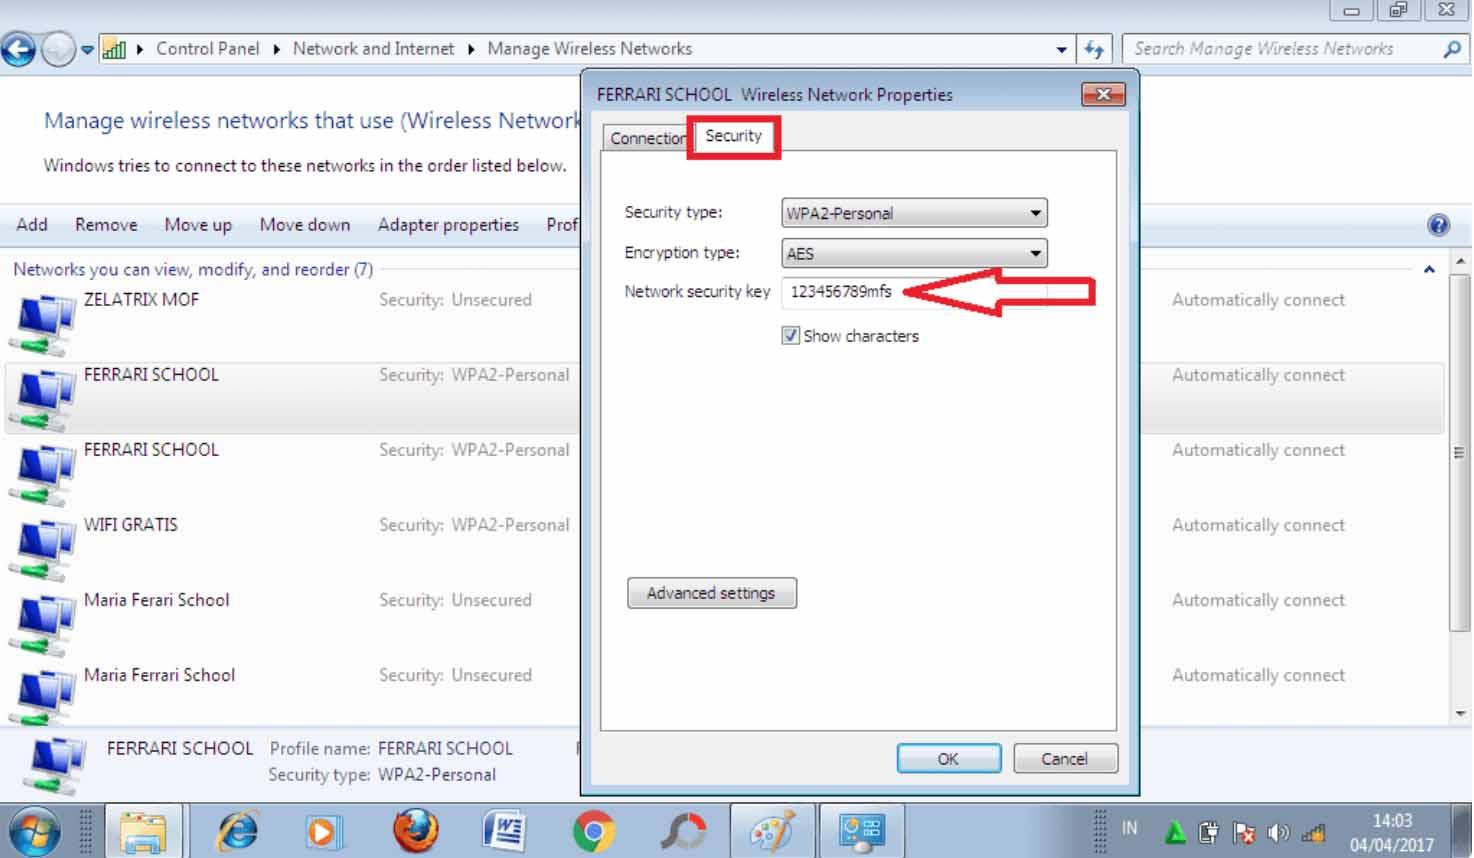 cara mengetahui password wifi di laptop yang pernah terkoneksi